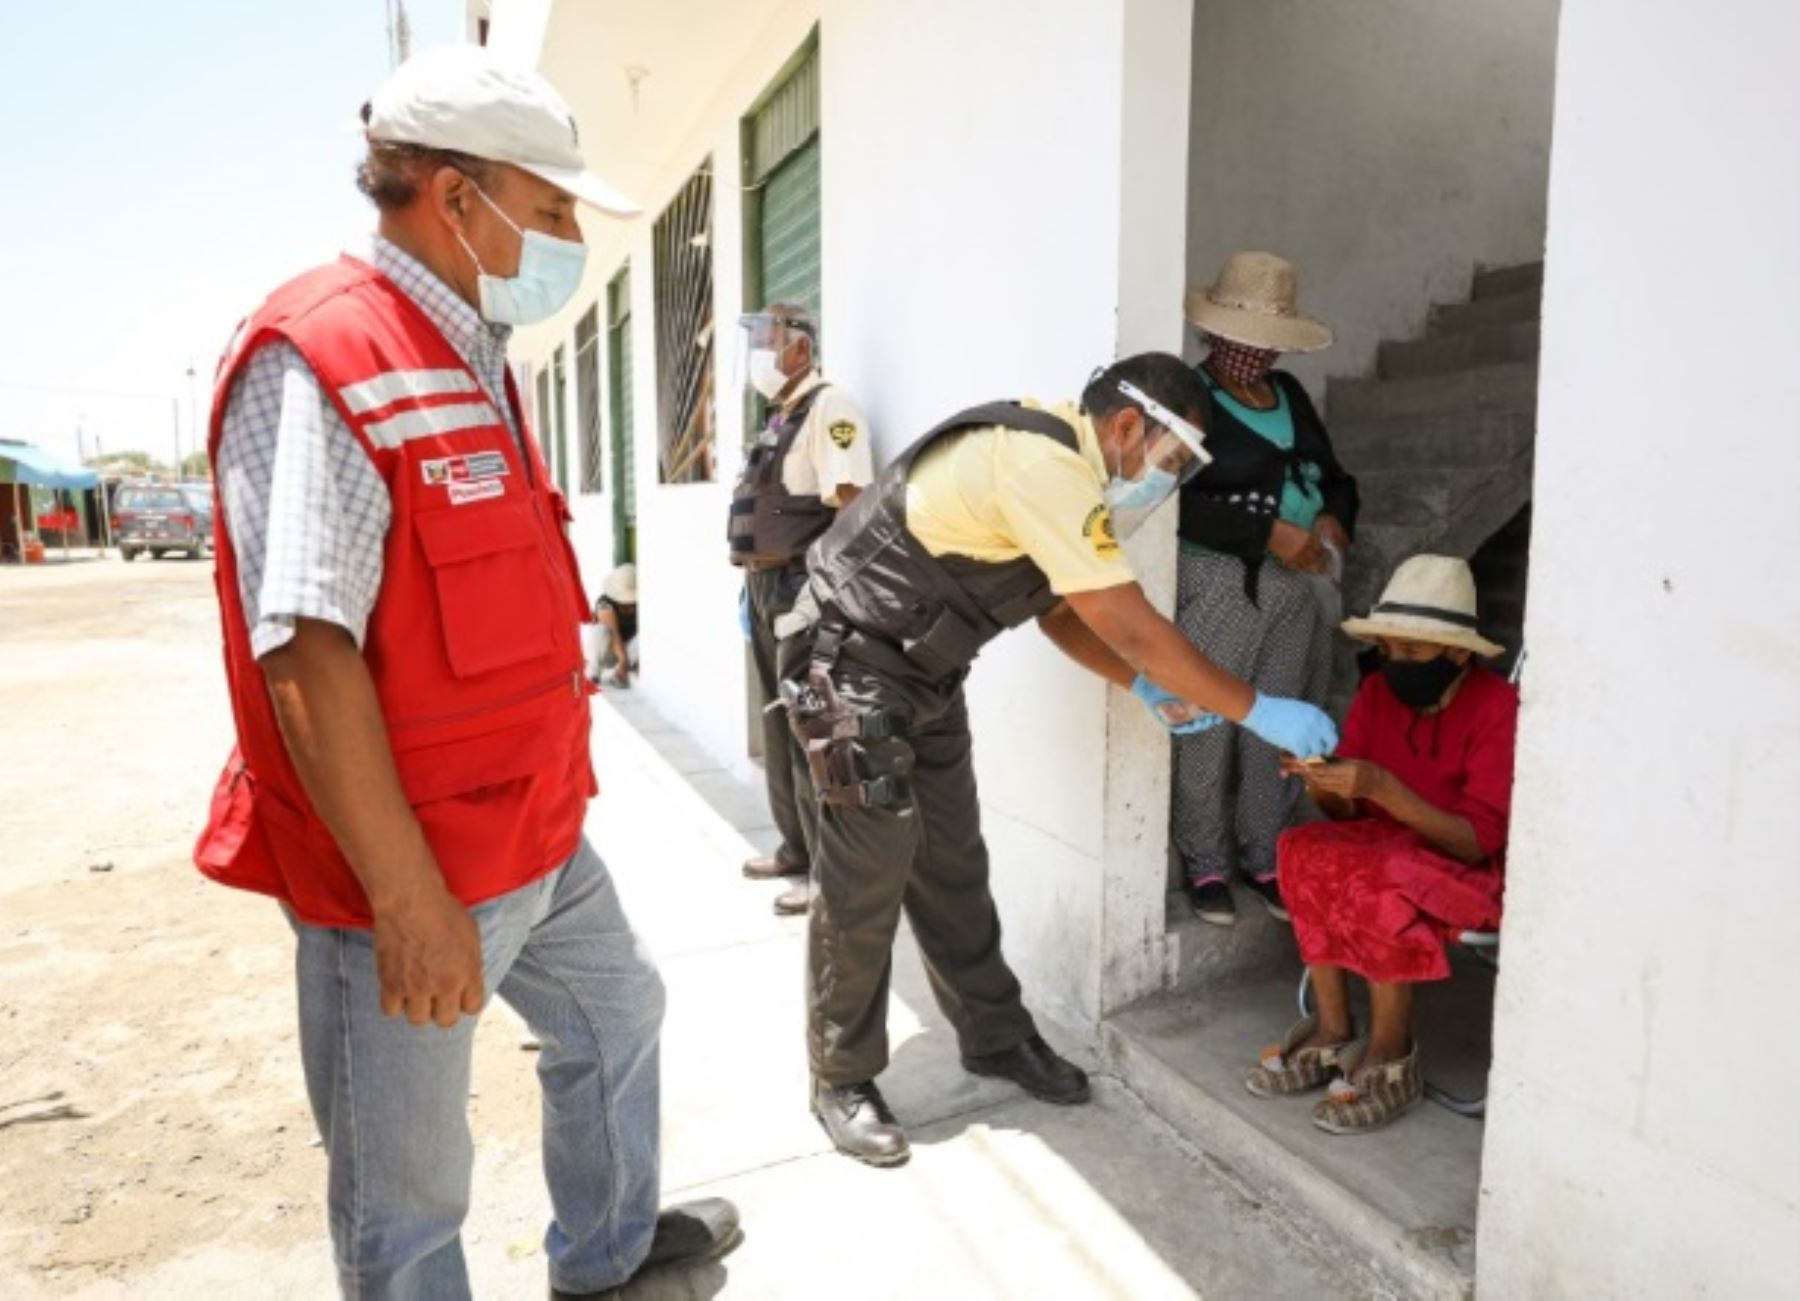 El pago del bono S/ 600 a las familias vulnerables que viven en las 10 regiones declaradas en riesgo extremo frente a la pandemia de covid-19 registra un avance del 64.2 %, destacó el Midis. ANDINA/Difusión